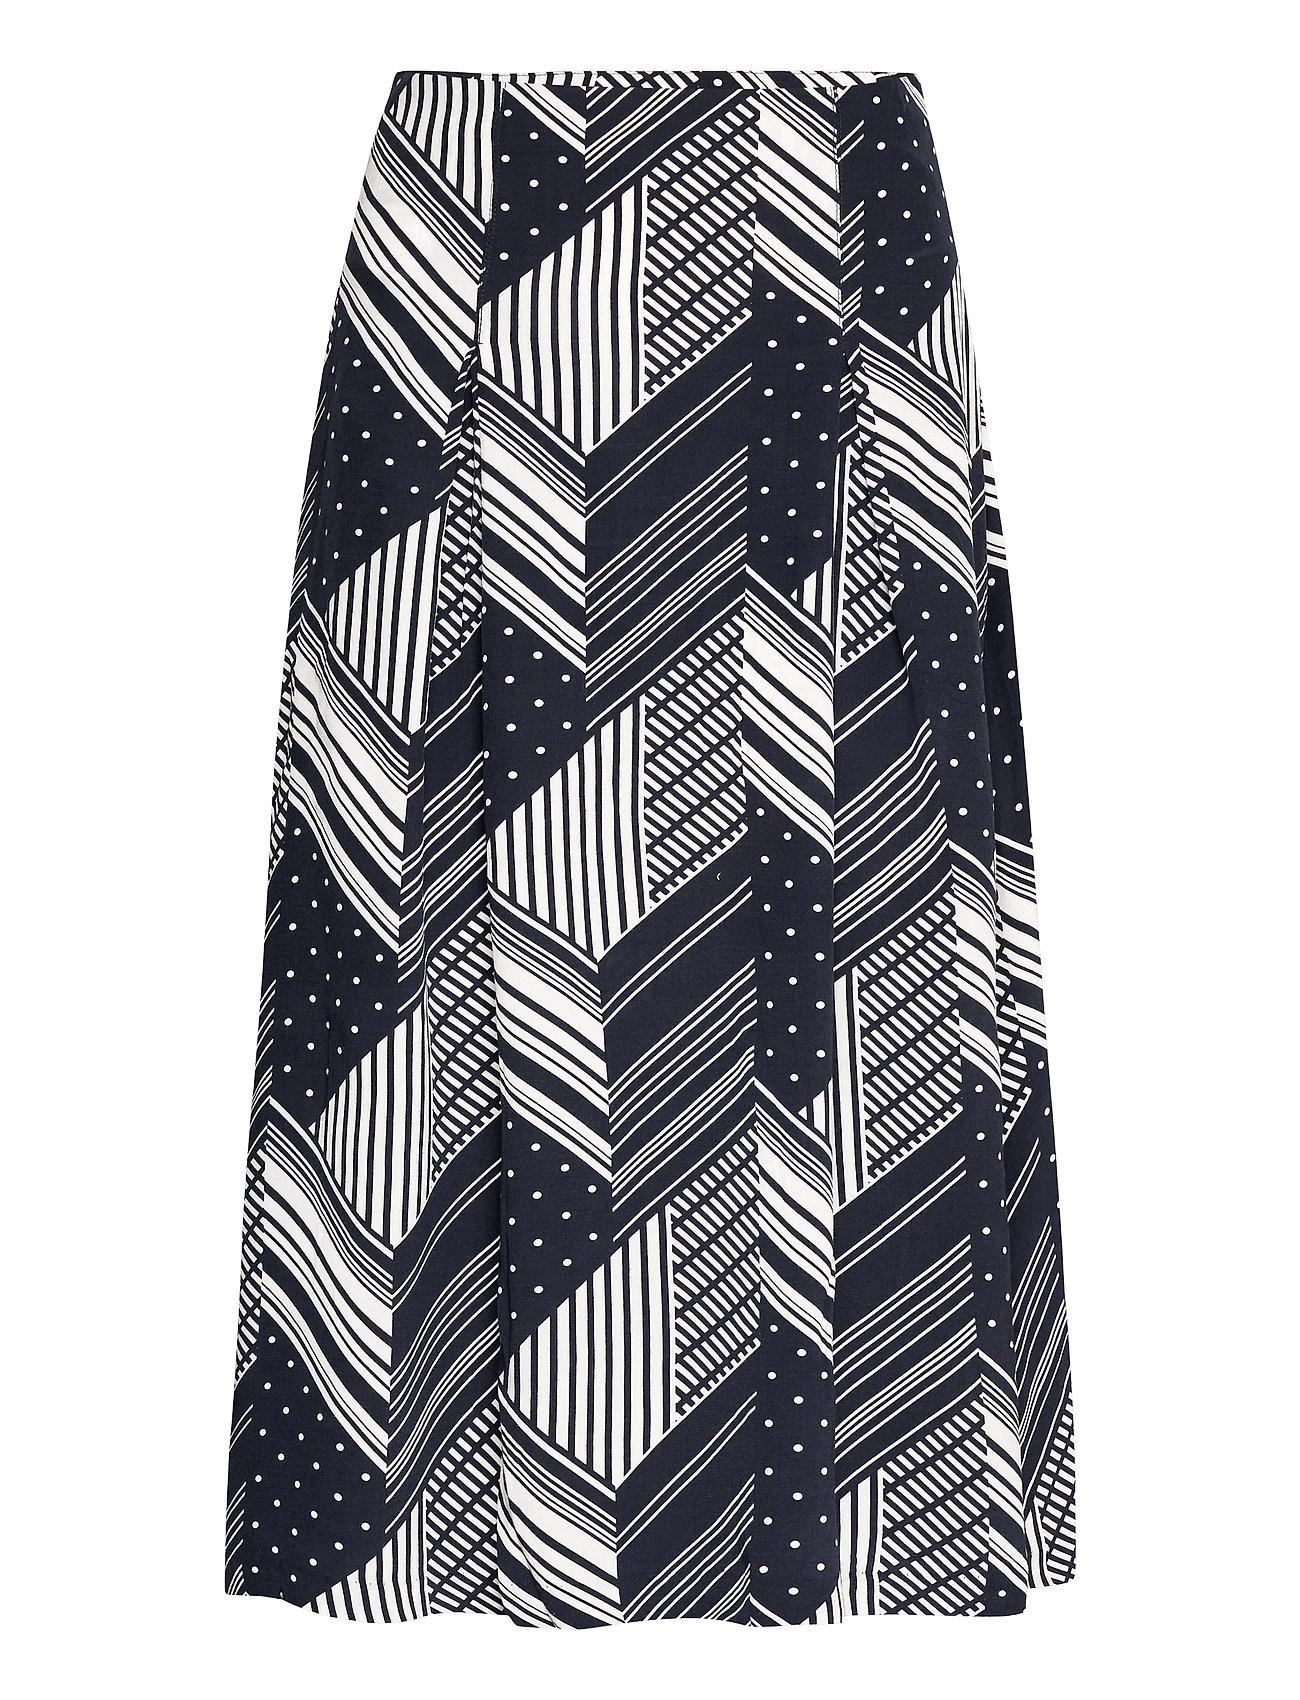 Skirt Printed Knælang Nederdel Blå Park Lane